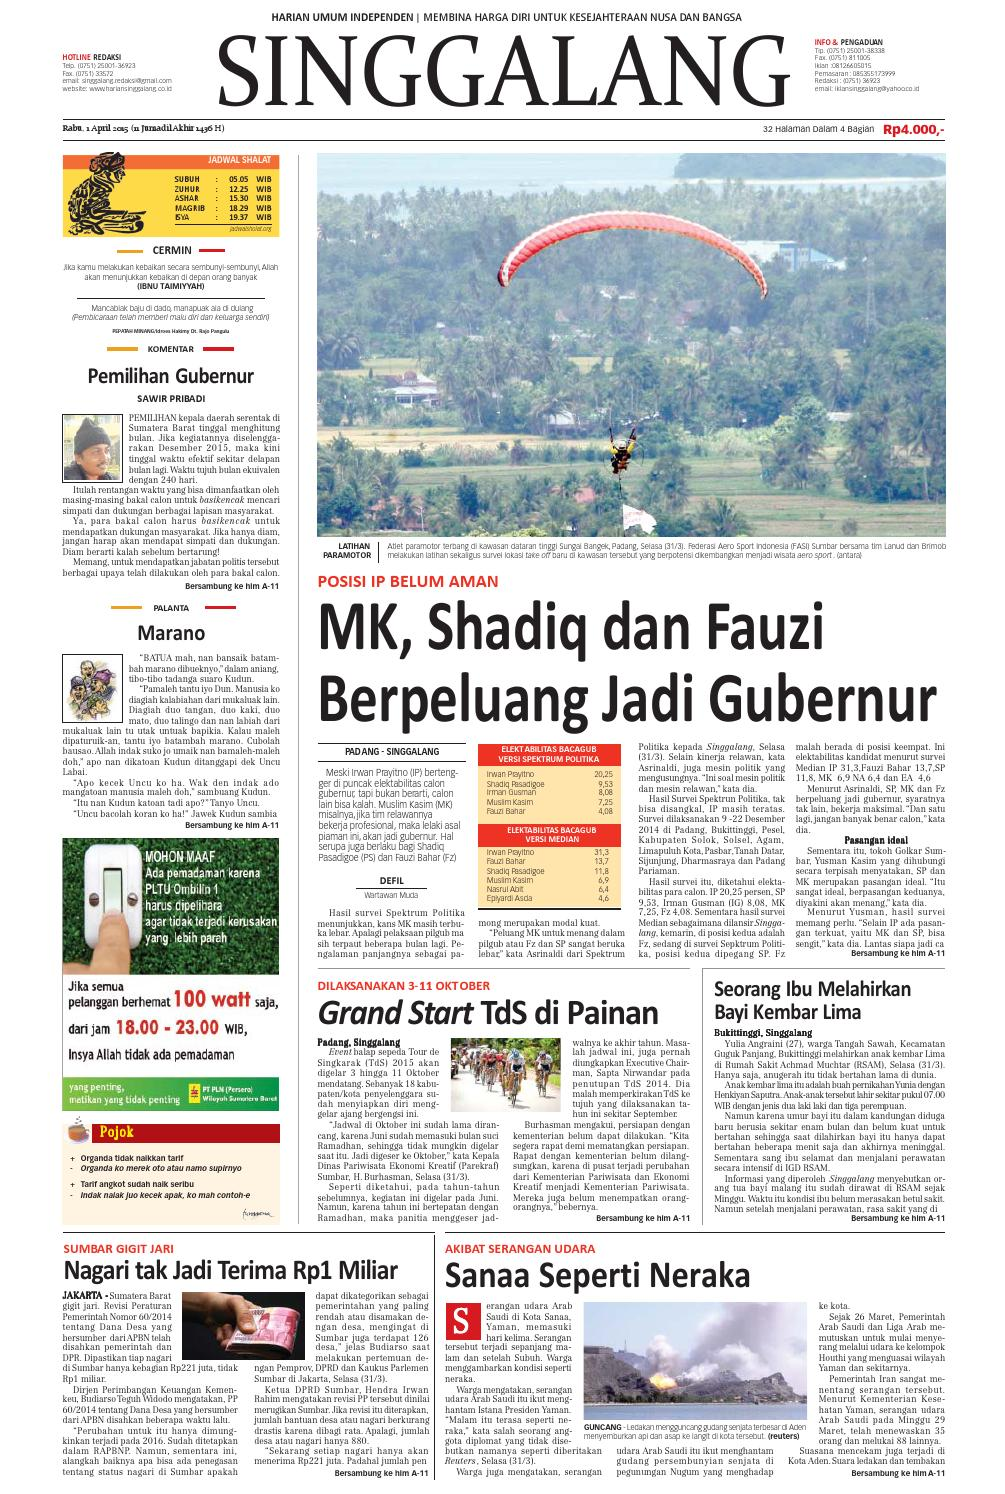 Rabu, 1 april 2015 by Harian Singgalang - issuu